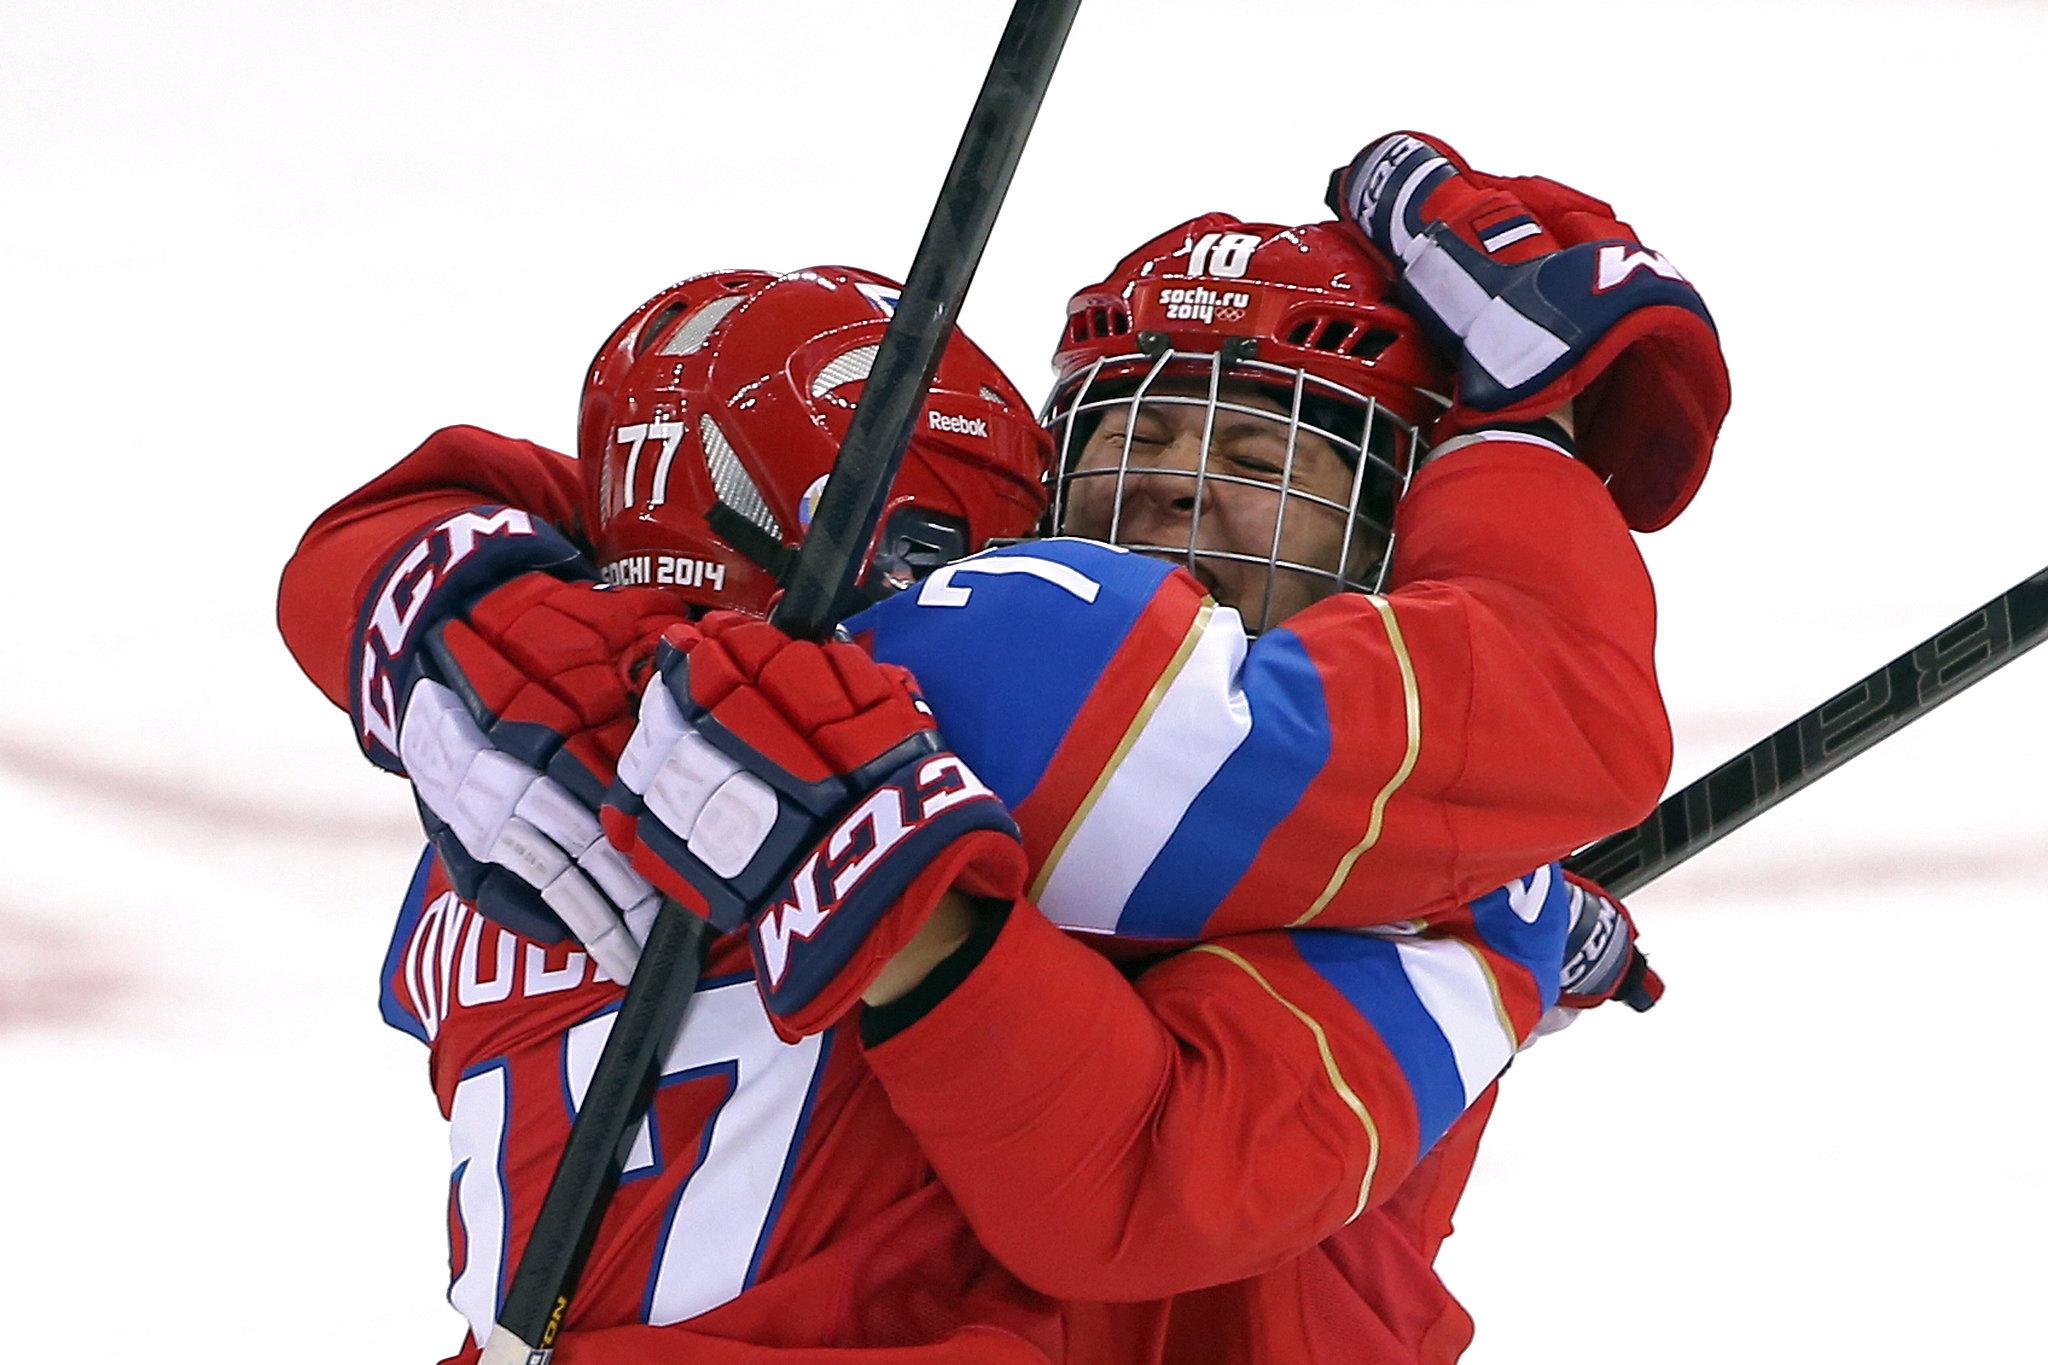 Russian ice hockey players olga sosina and yekaterina smolentseva